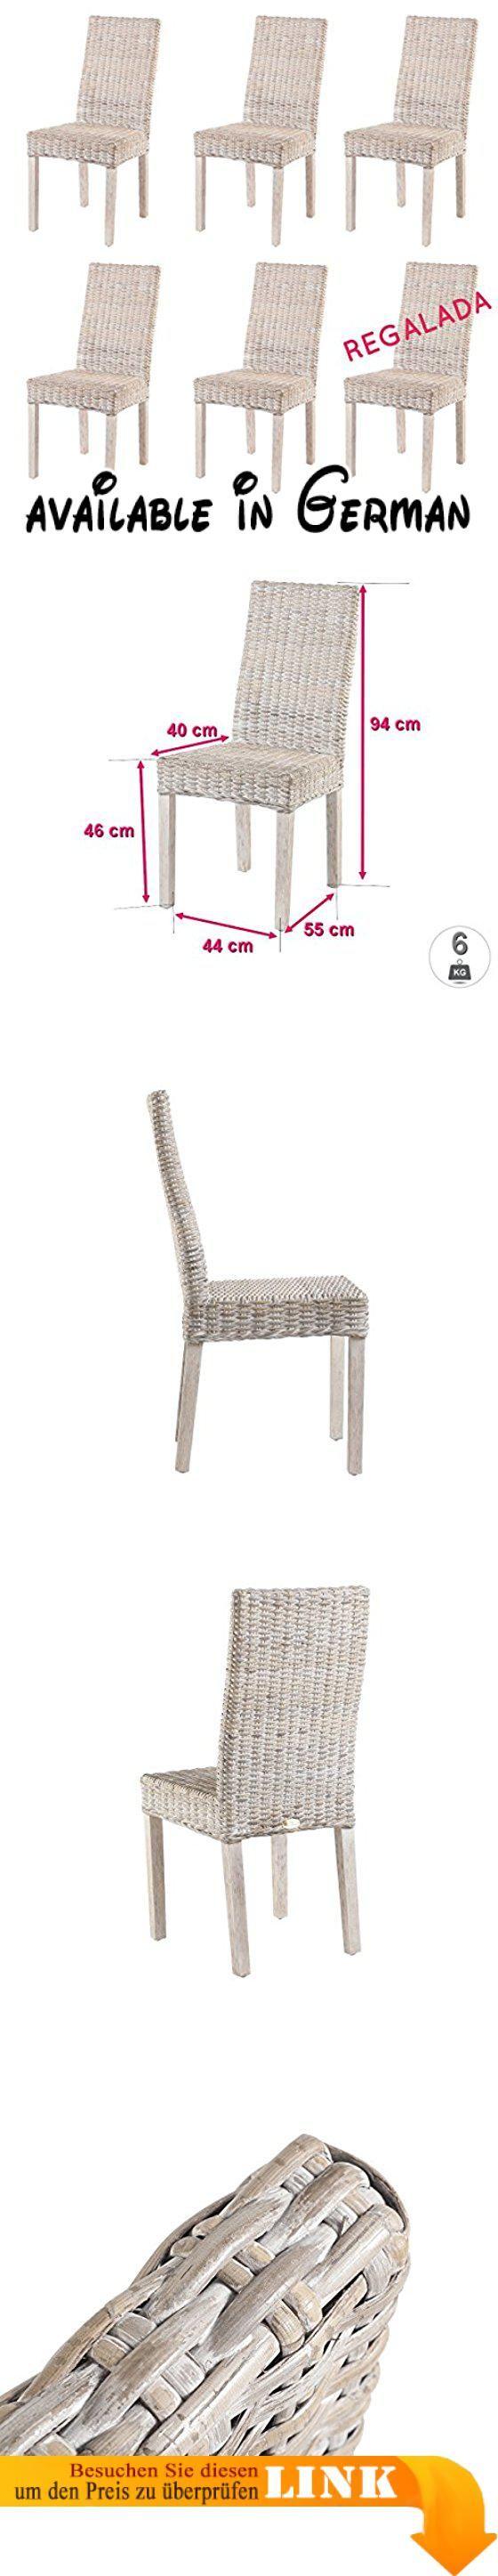 3324 besten Möbel - Wohnzimmer Bilder auf Pinterest